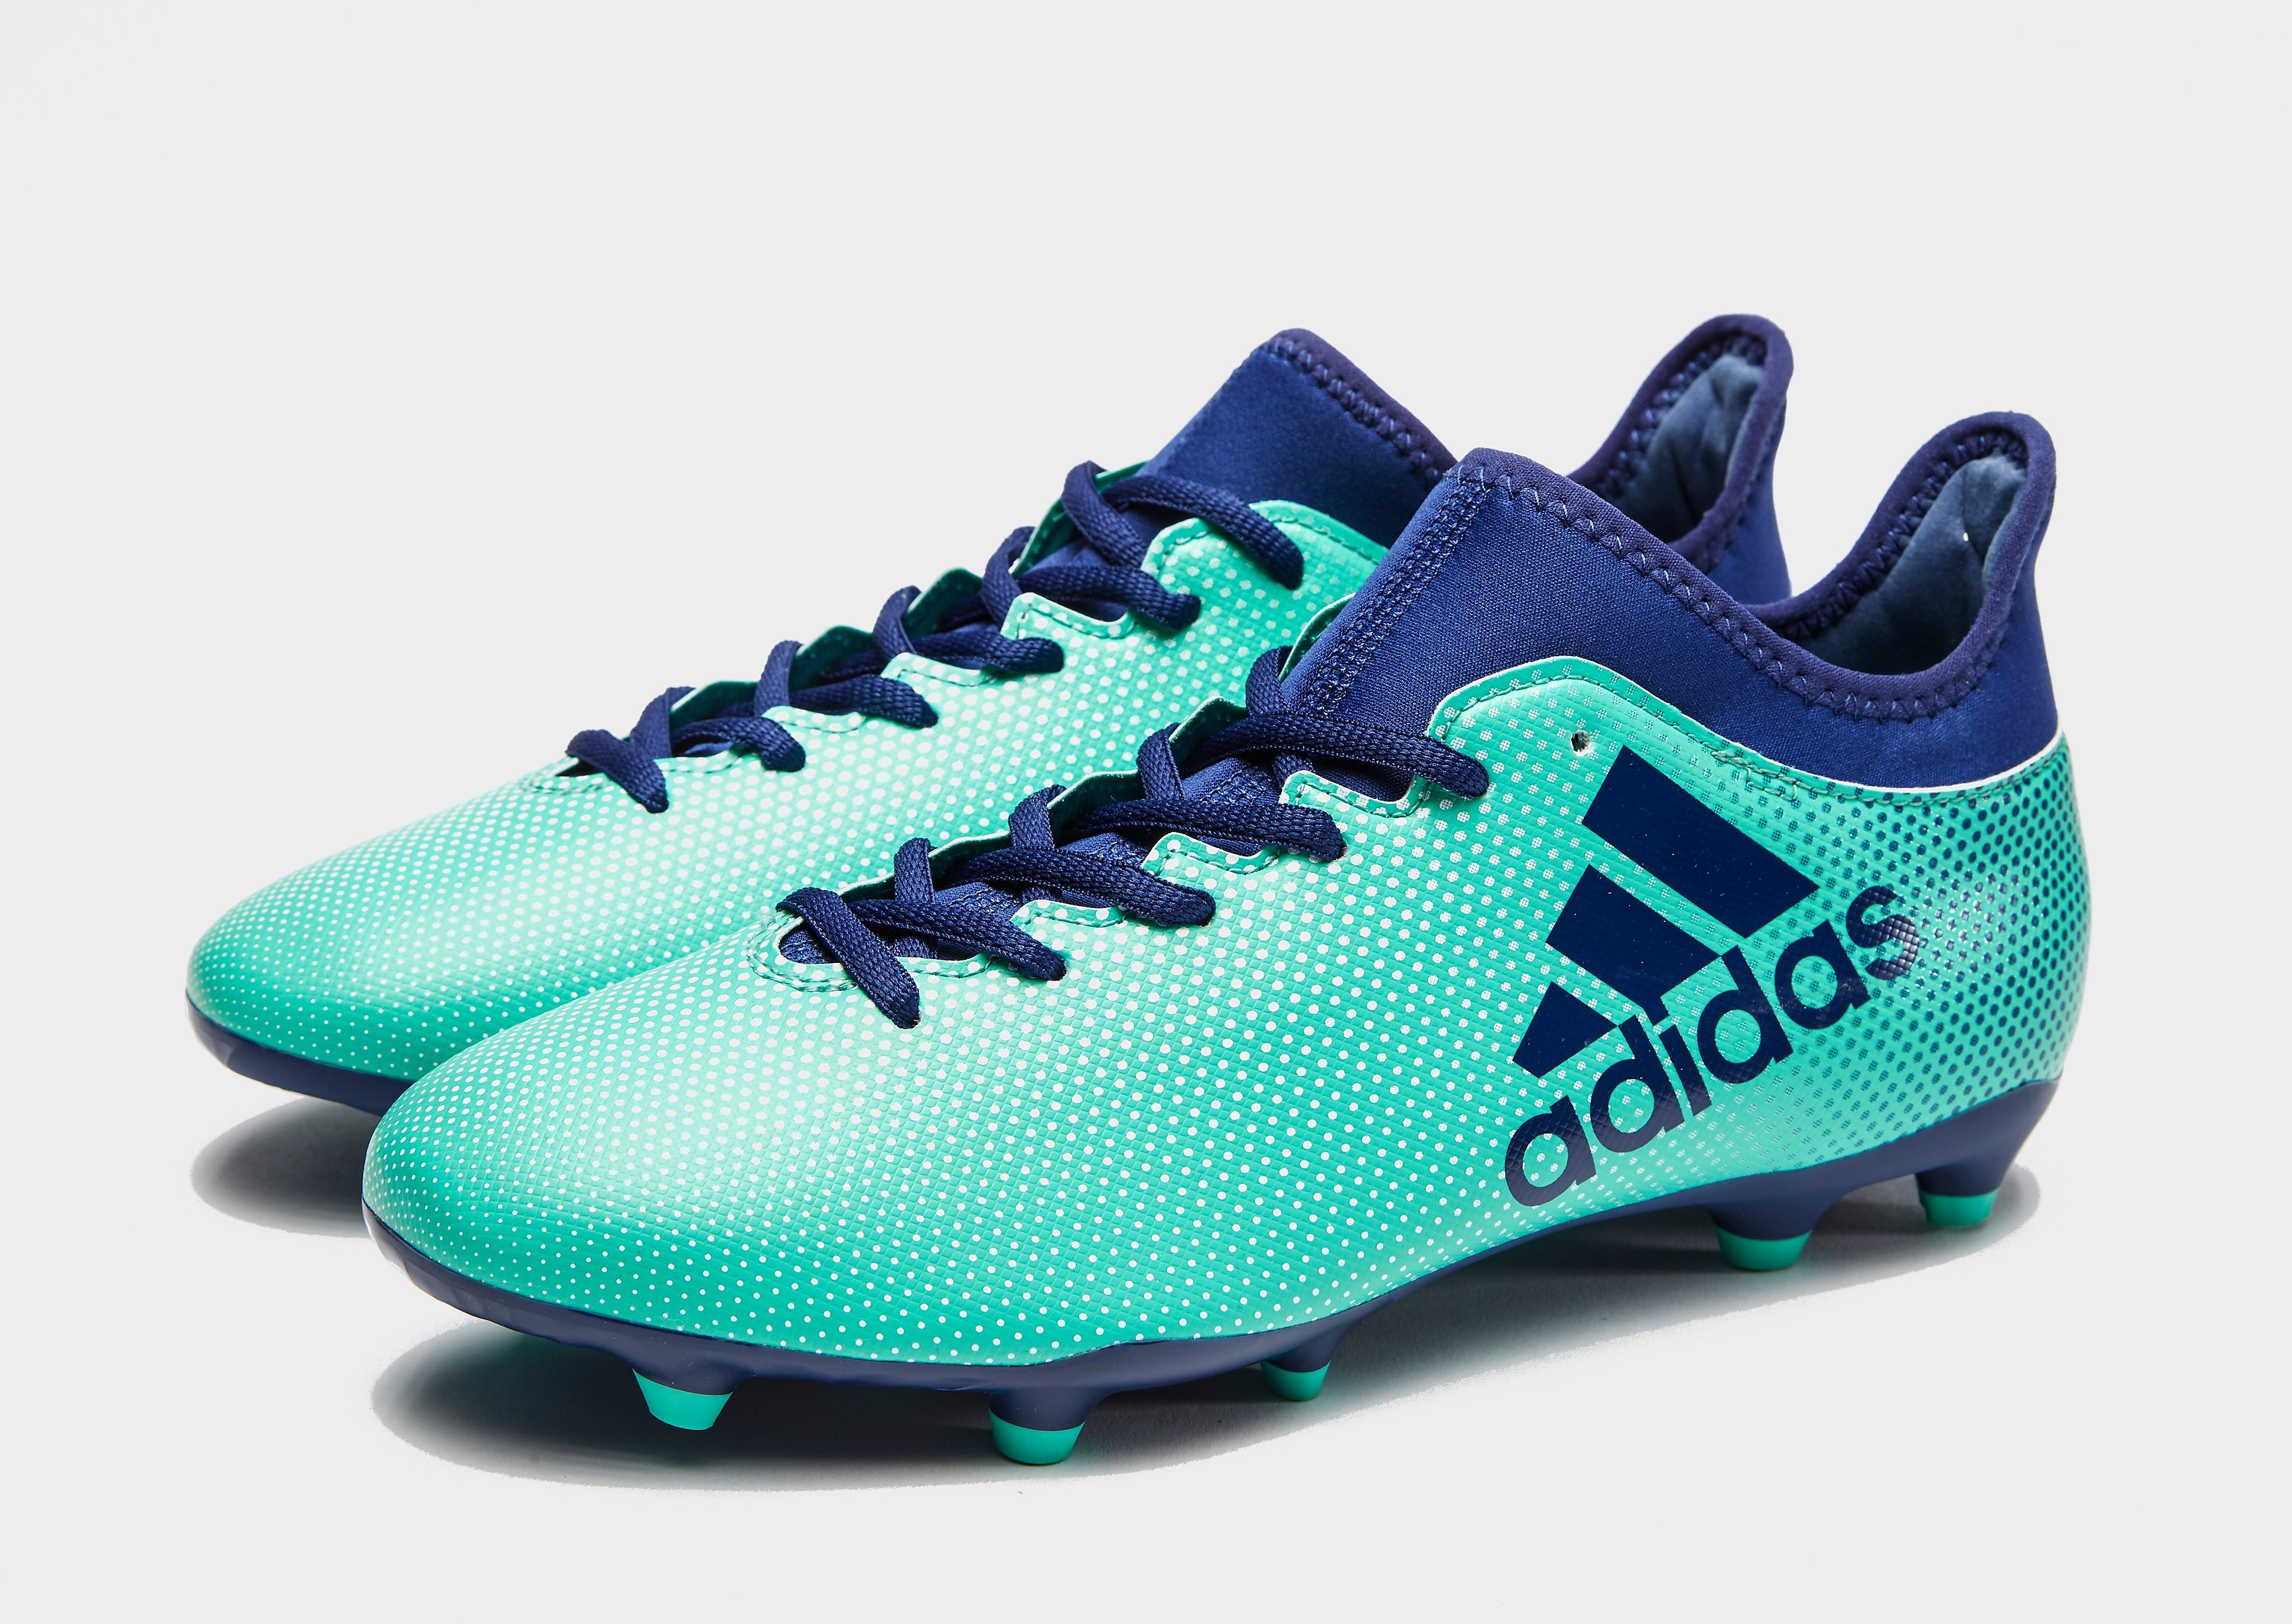 adidas Deadly Strike X 17.3 FG